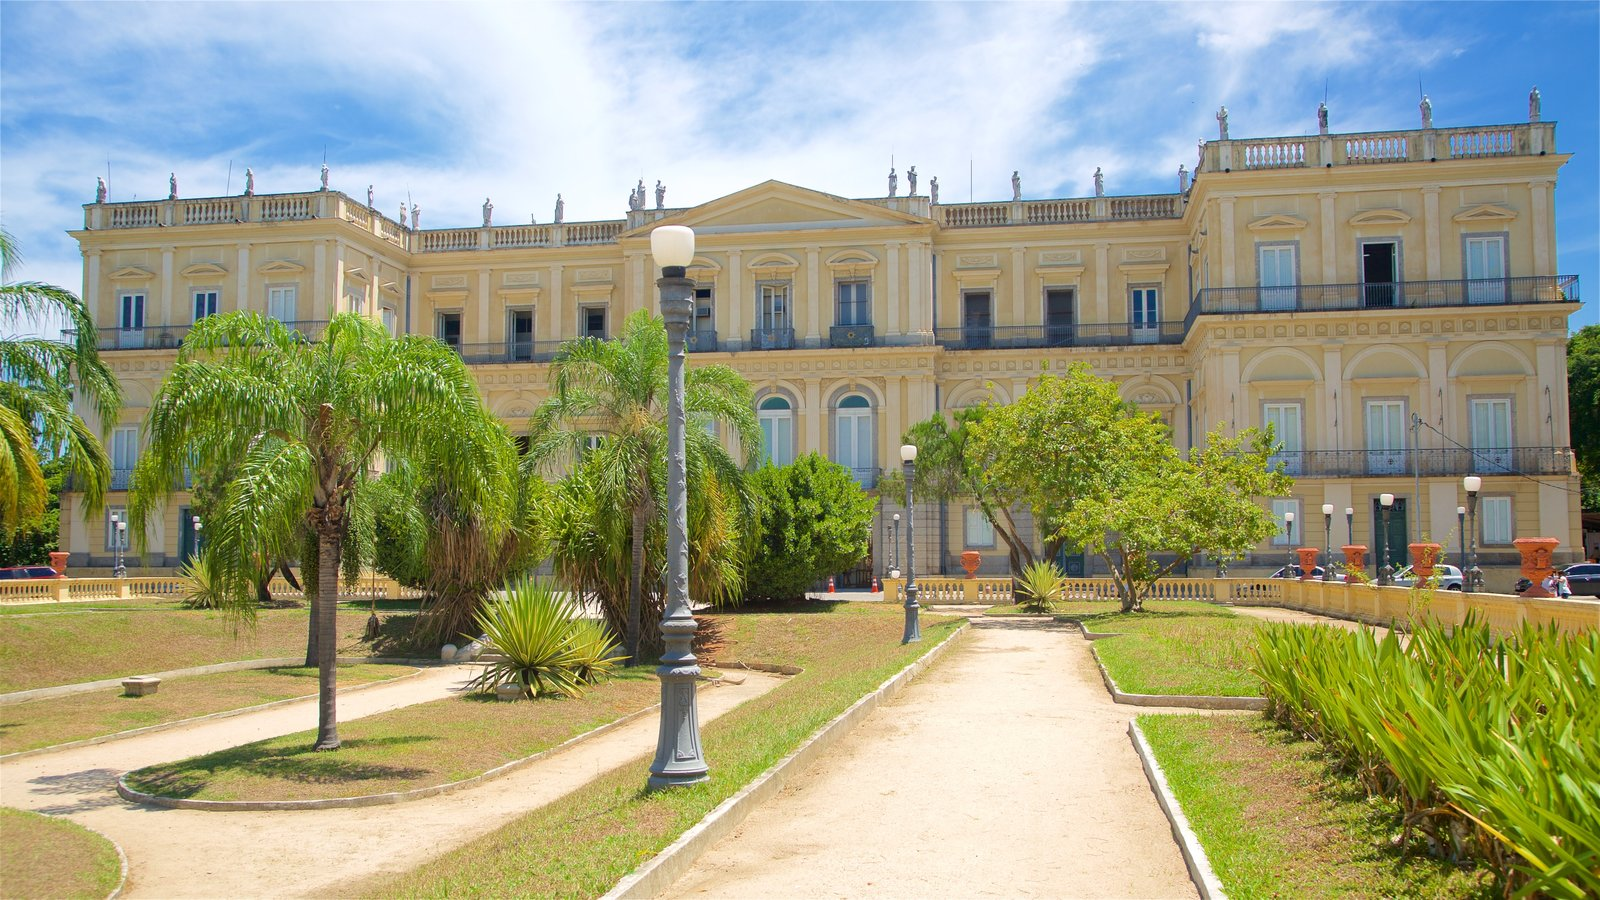 Quinta da Boa Vista que inclui um jardim e arquitetura de patrimônio